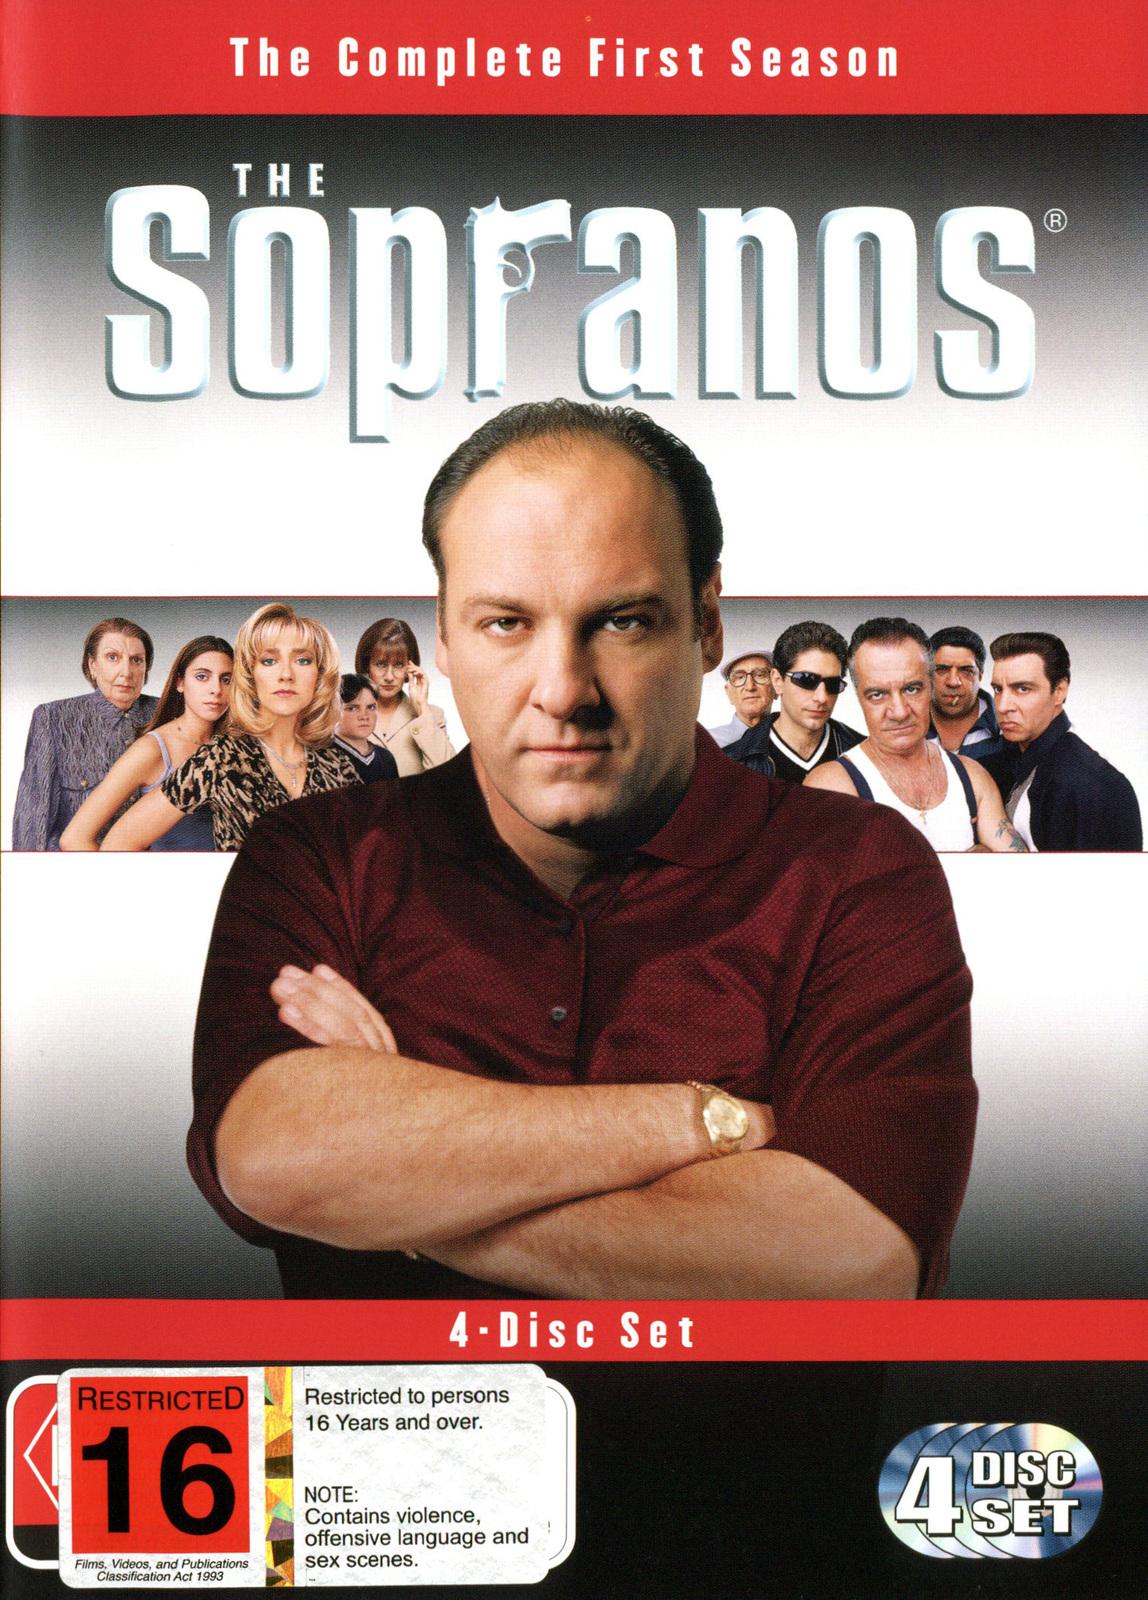 The Sopranos - Season 1 (4 Disc Box Set) on DVD image